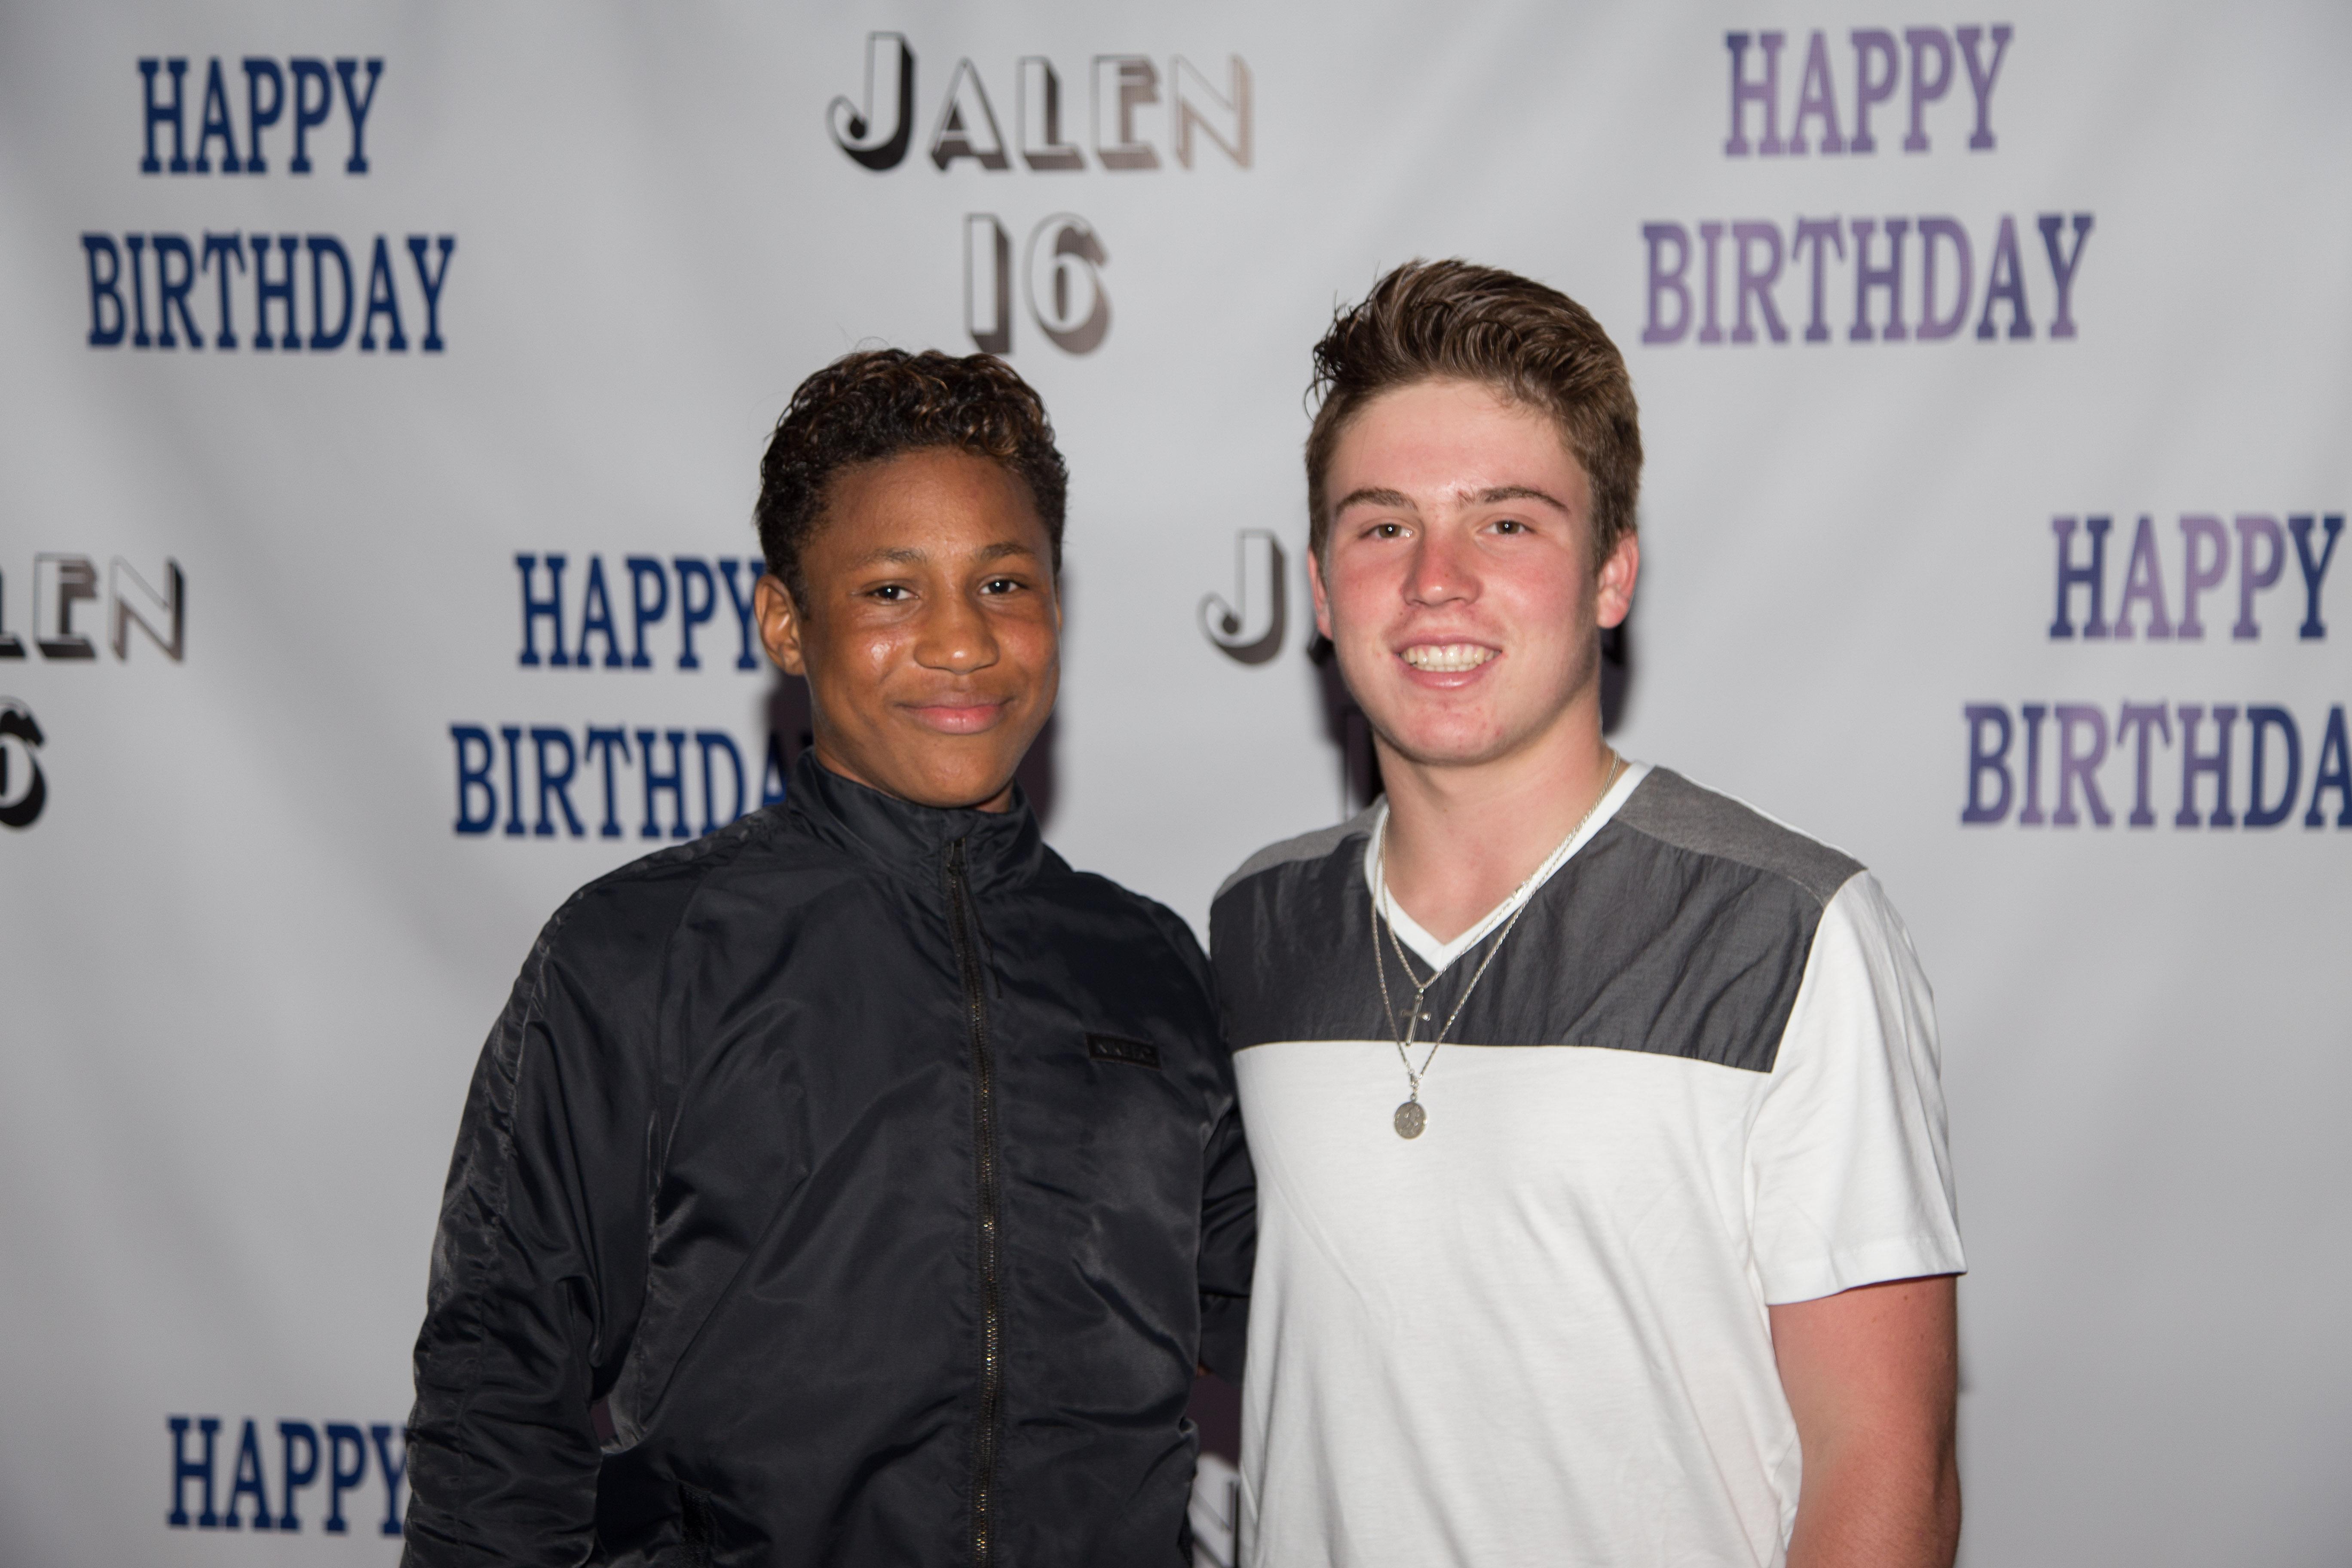 Jalen's Sweet 16